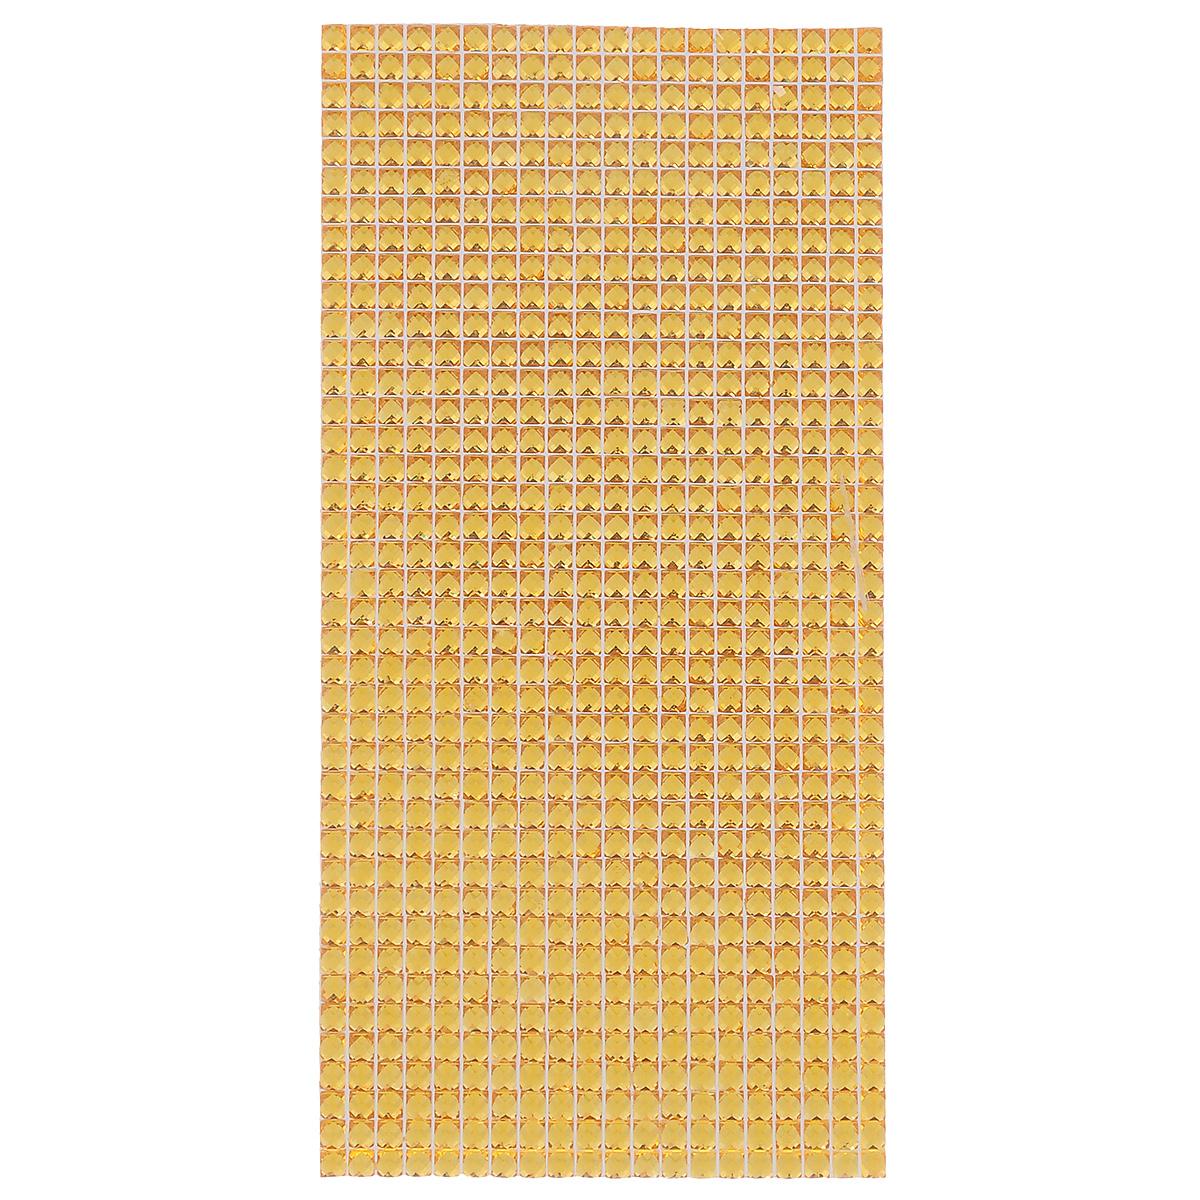 Наклейки декоративные Астра, цвет: золотистый, 18 х 9 см 77084277708427Декоративные наклейки Астра, изготовленные из пластика, прекрасно подойдут для оформления творческих работ в технике скрапбукинга. Их можно использовать для украшения фотоальбомов, скрап-страничек, подарков, конвертов, фоторамок, открыток и т.д. Объемные наклейки квадратной формы оснащены задней клейкой стороной. Скрапбукинг - это хобби, которое способно приносить массу приятных эмоций не только человеку, который этим занимается, но и его близким, друзьям, родным. Это невероятно увлекательное занятие, которое поможет вам сохранить наиболее памятные и яркие моменты вашей жизни, а также интересно оформить интерьер дома. Размер ячейки: 4 мм х 4 мм. Размер листа: 18 см х 9 см.